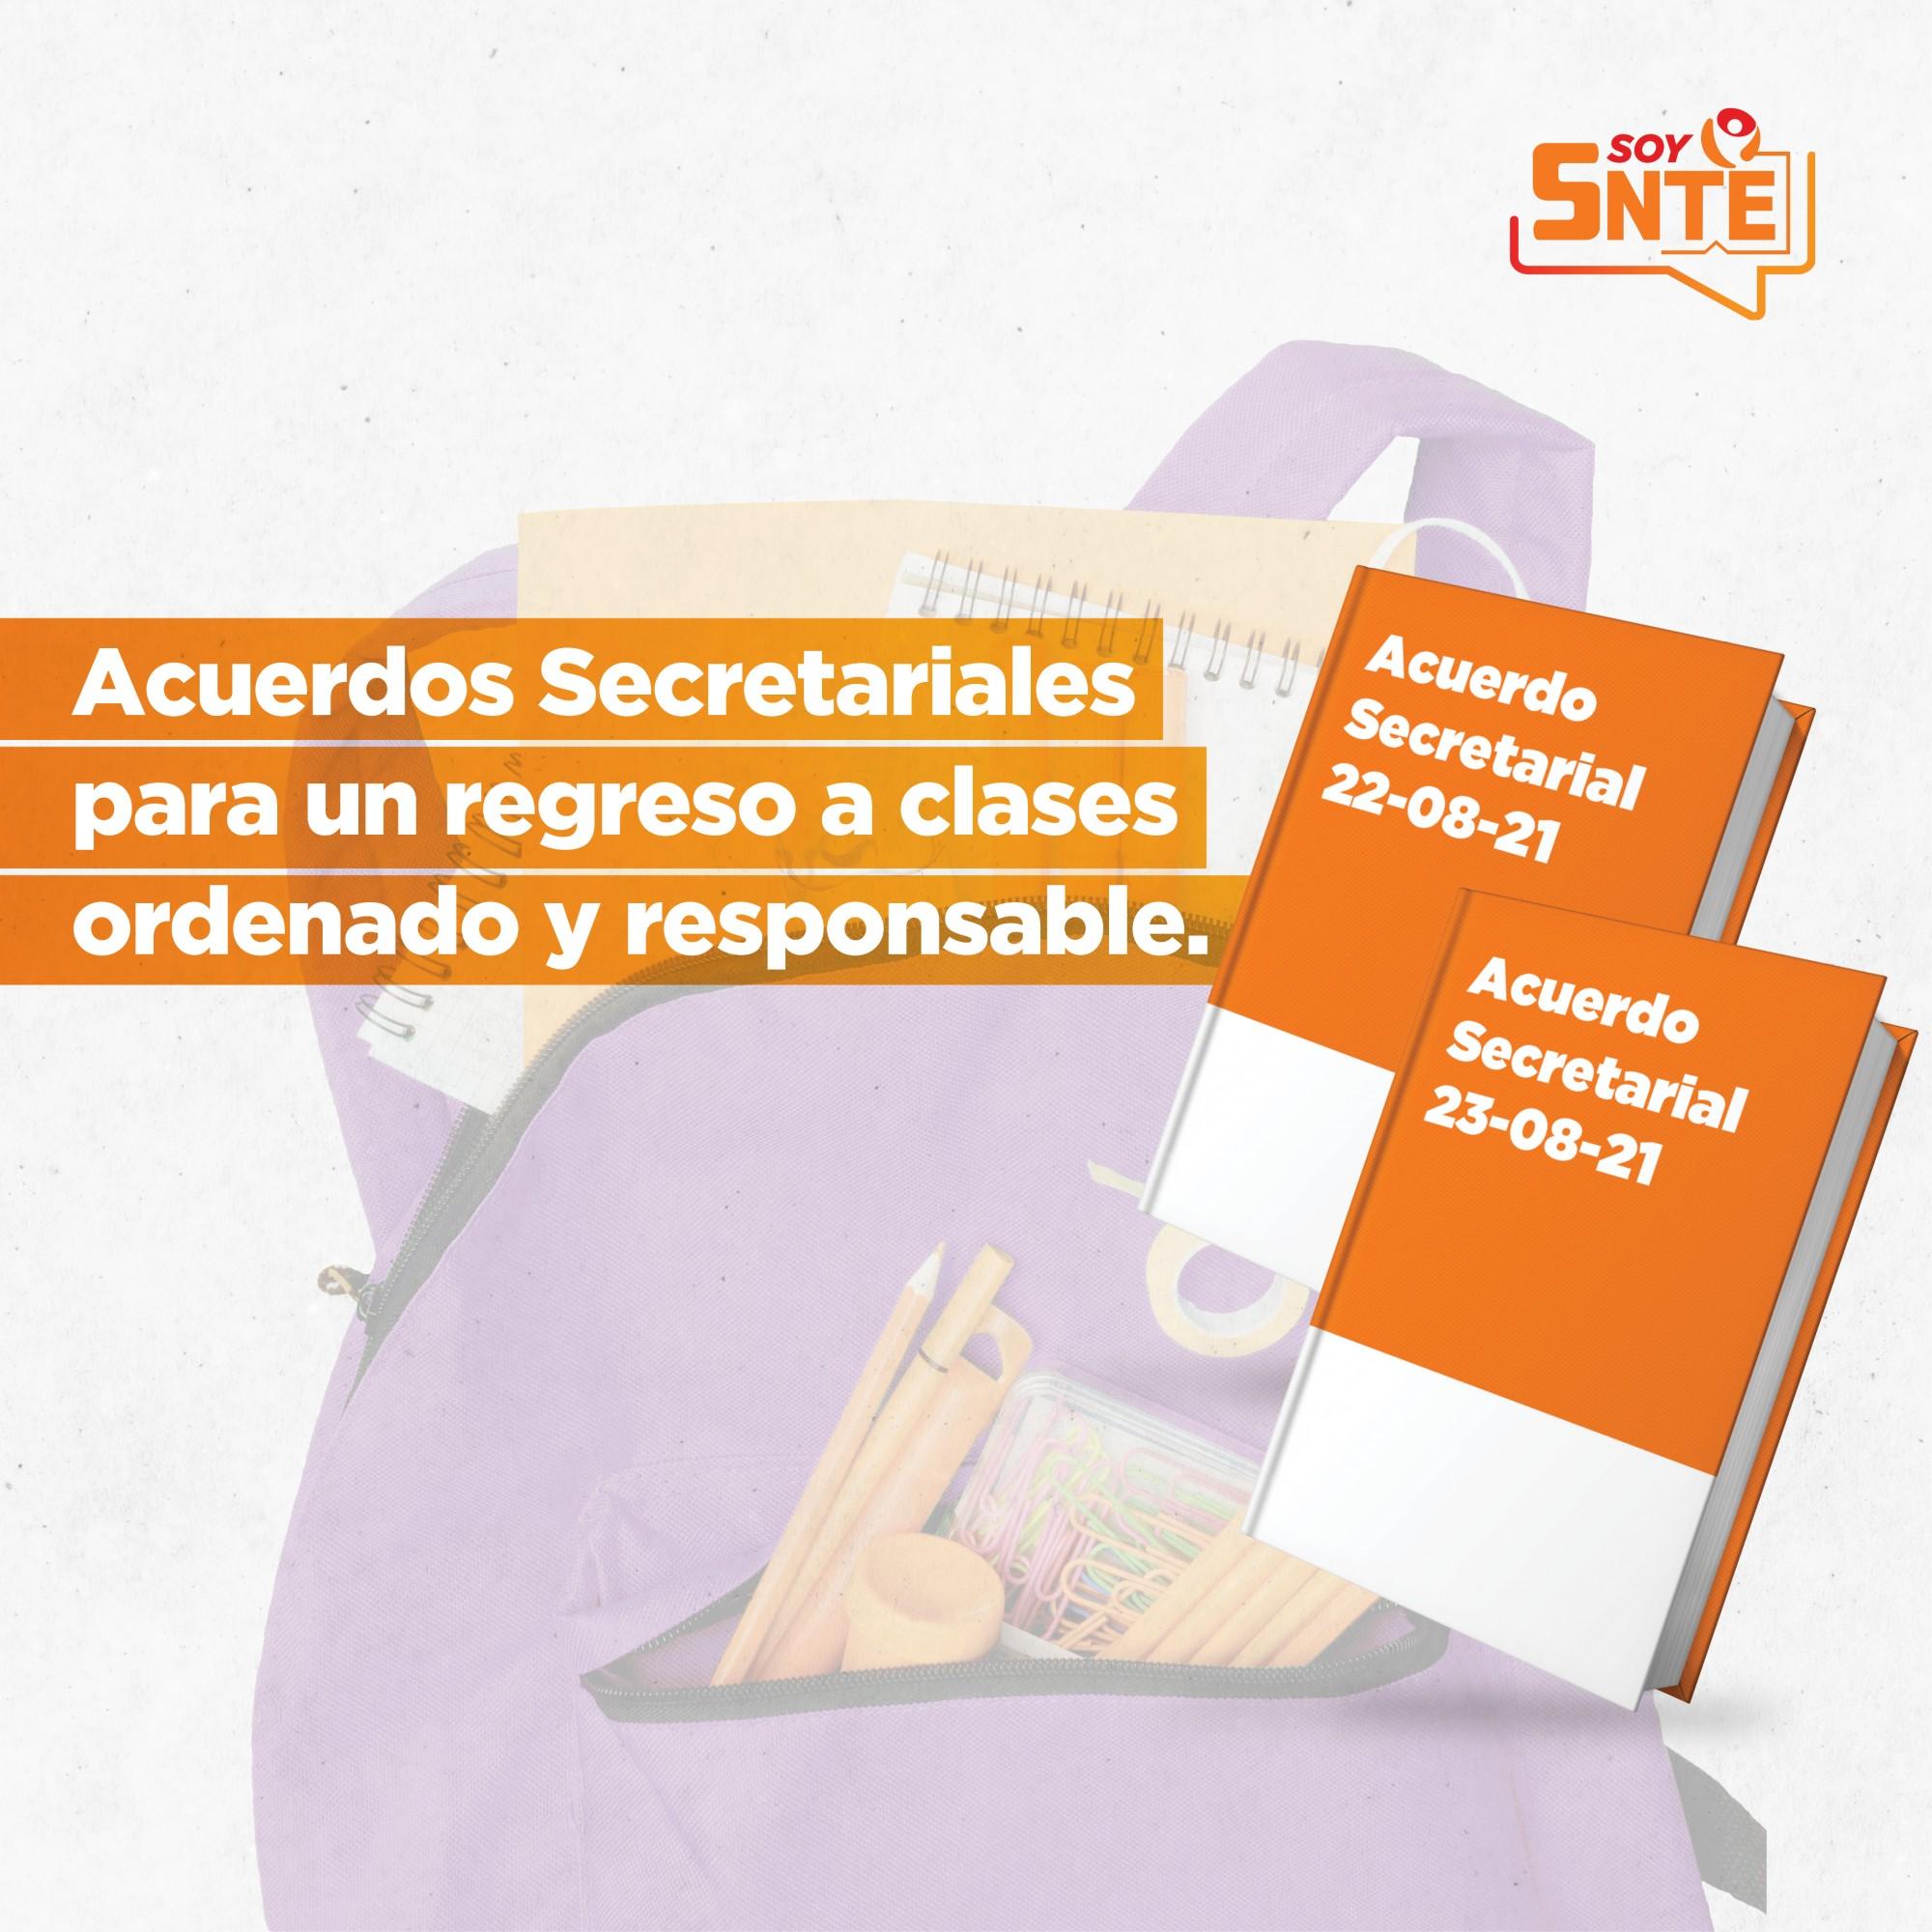 SNTE se adhiere al compromiso entre Secretarías de Educación Pública y de Salud